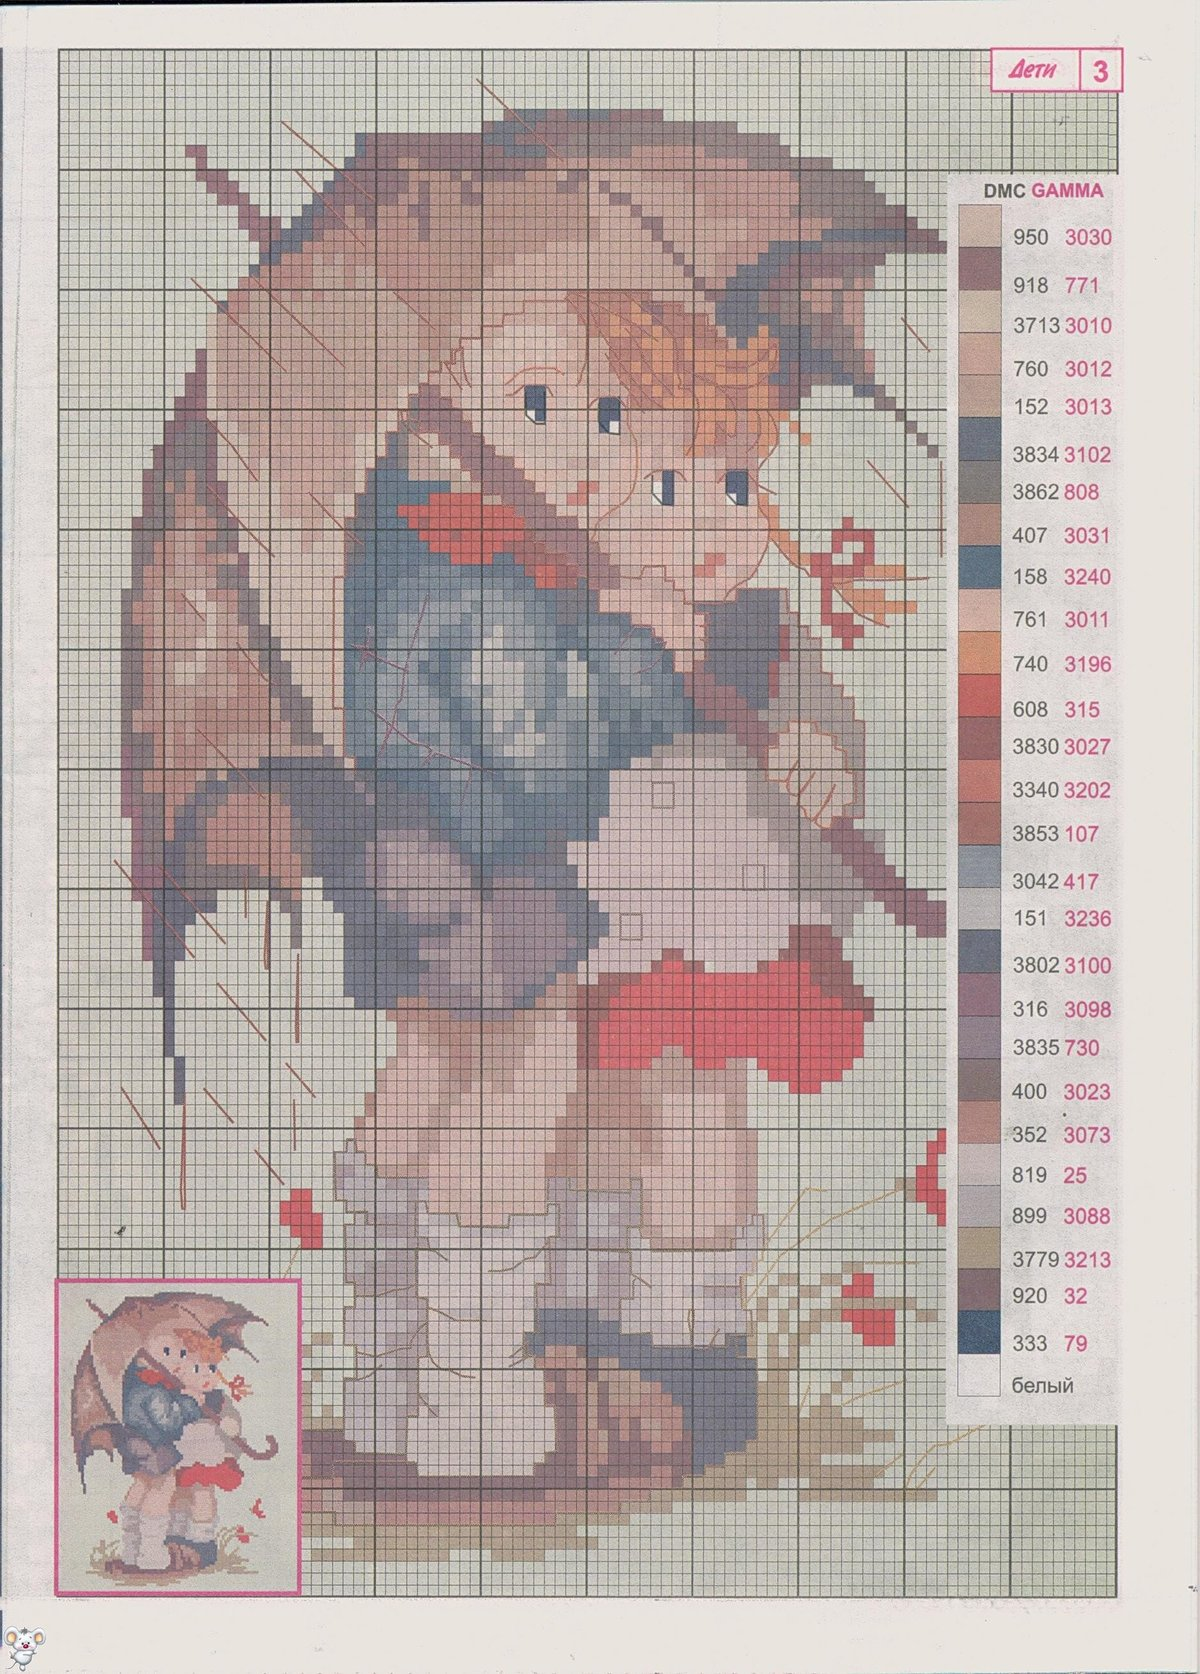 Детские схемы для вышивания крестом 25 штук, детские схемы для 50